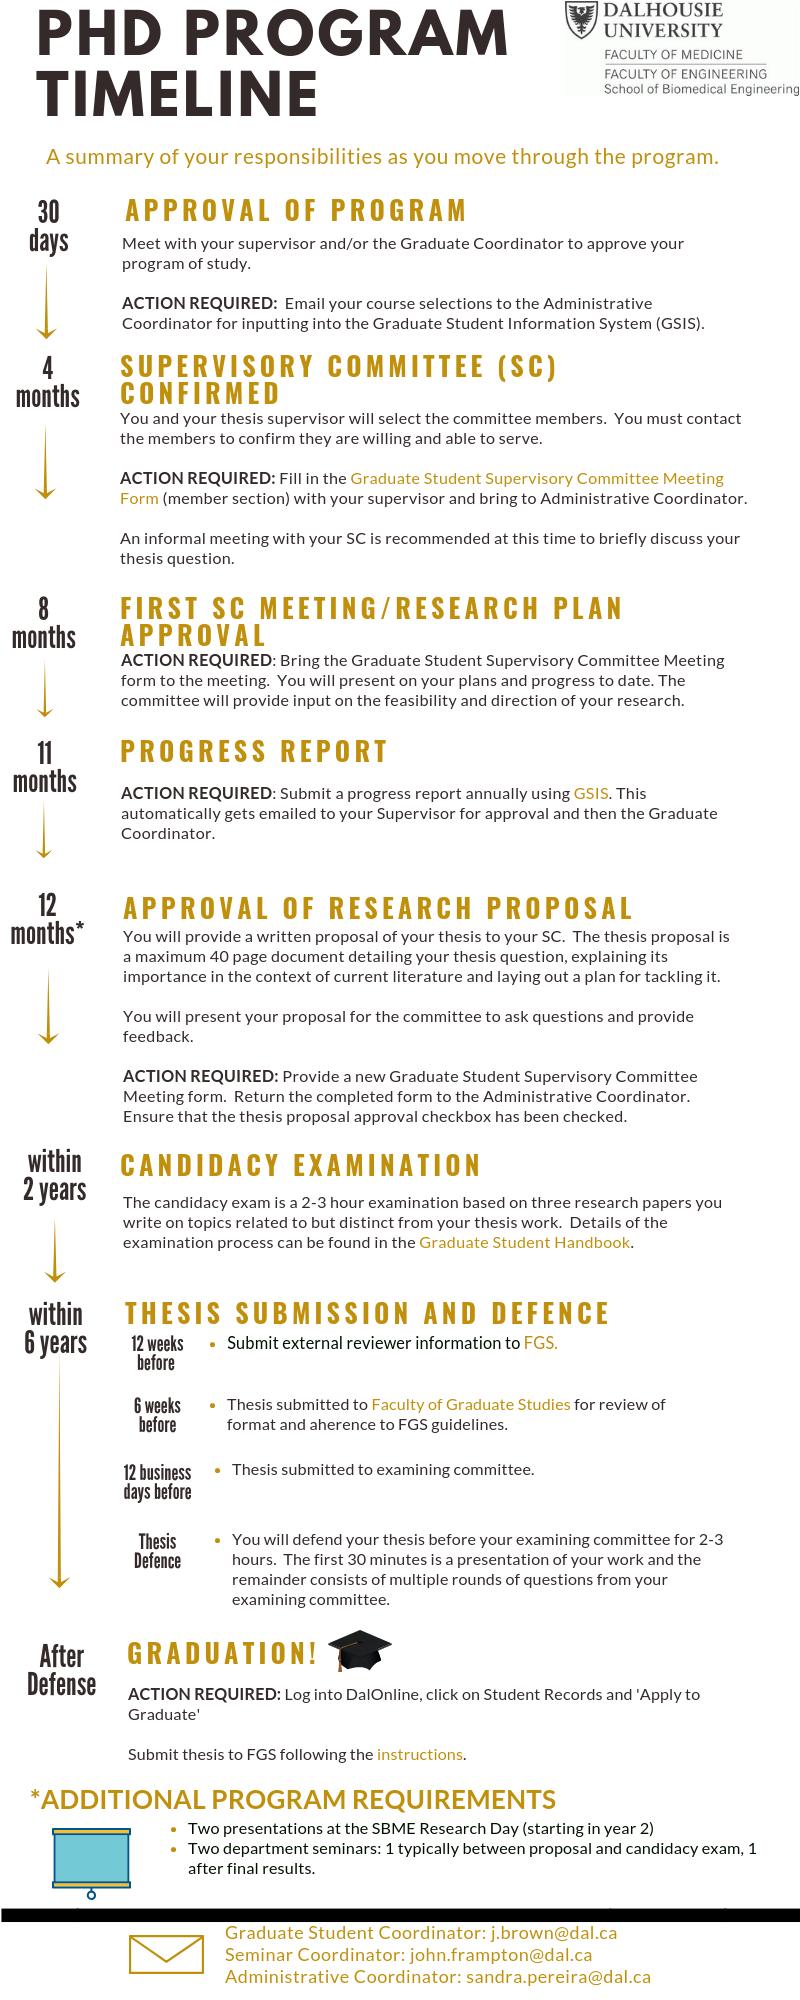 PhD Program Timeline - School of Biomedical Engineering